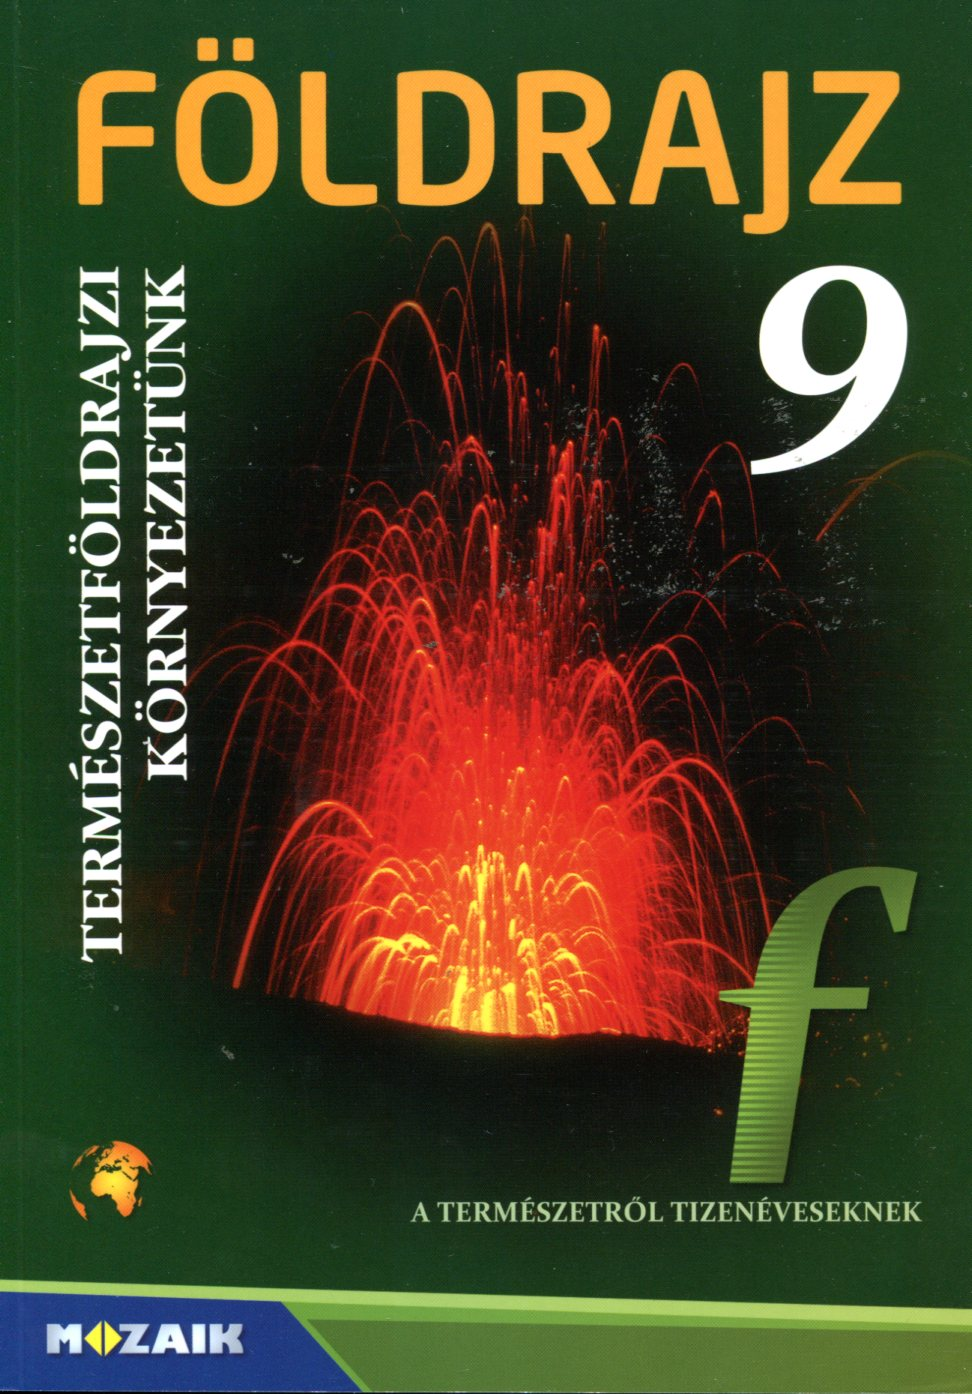 FÖLDRAJZ 9. - Kozmikus és természetföldrajzi környezetünk tankönyv